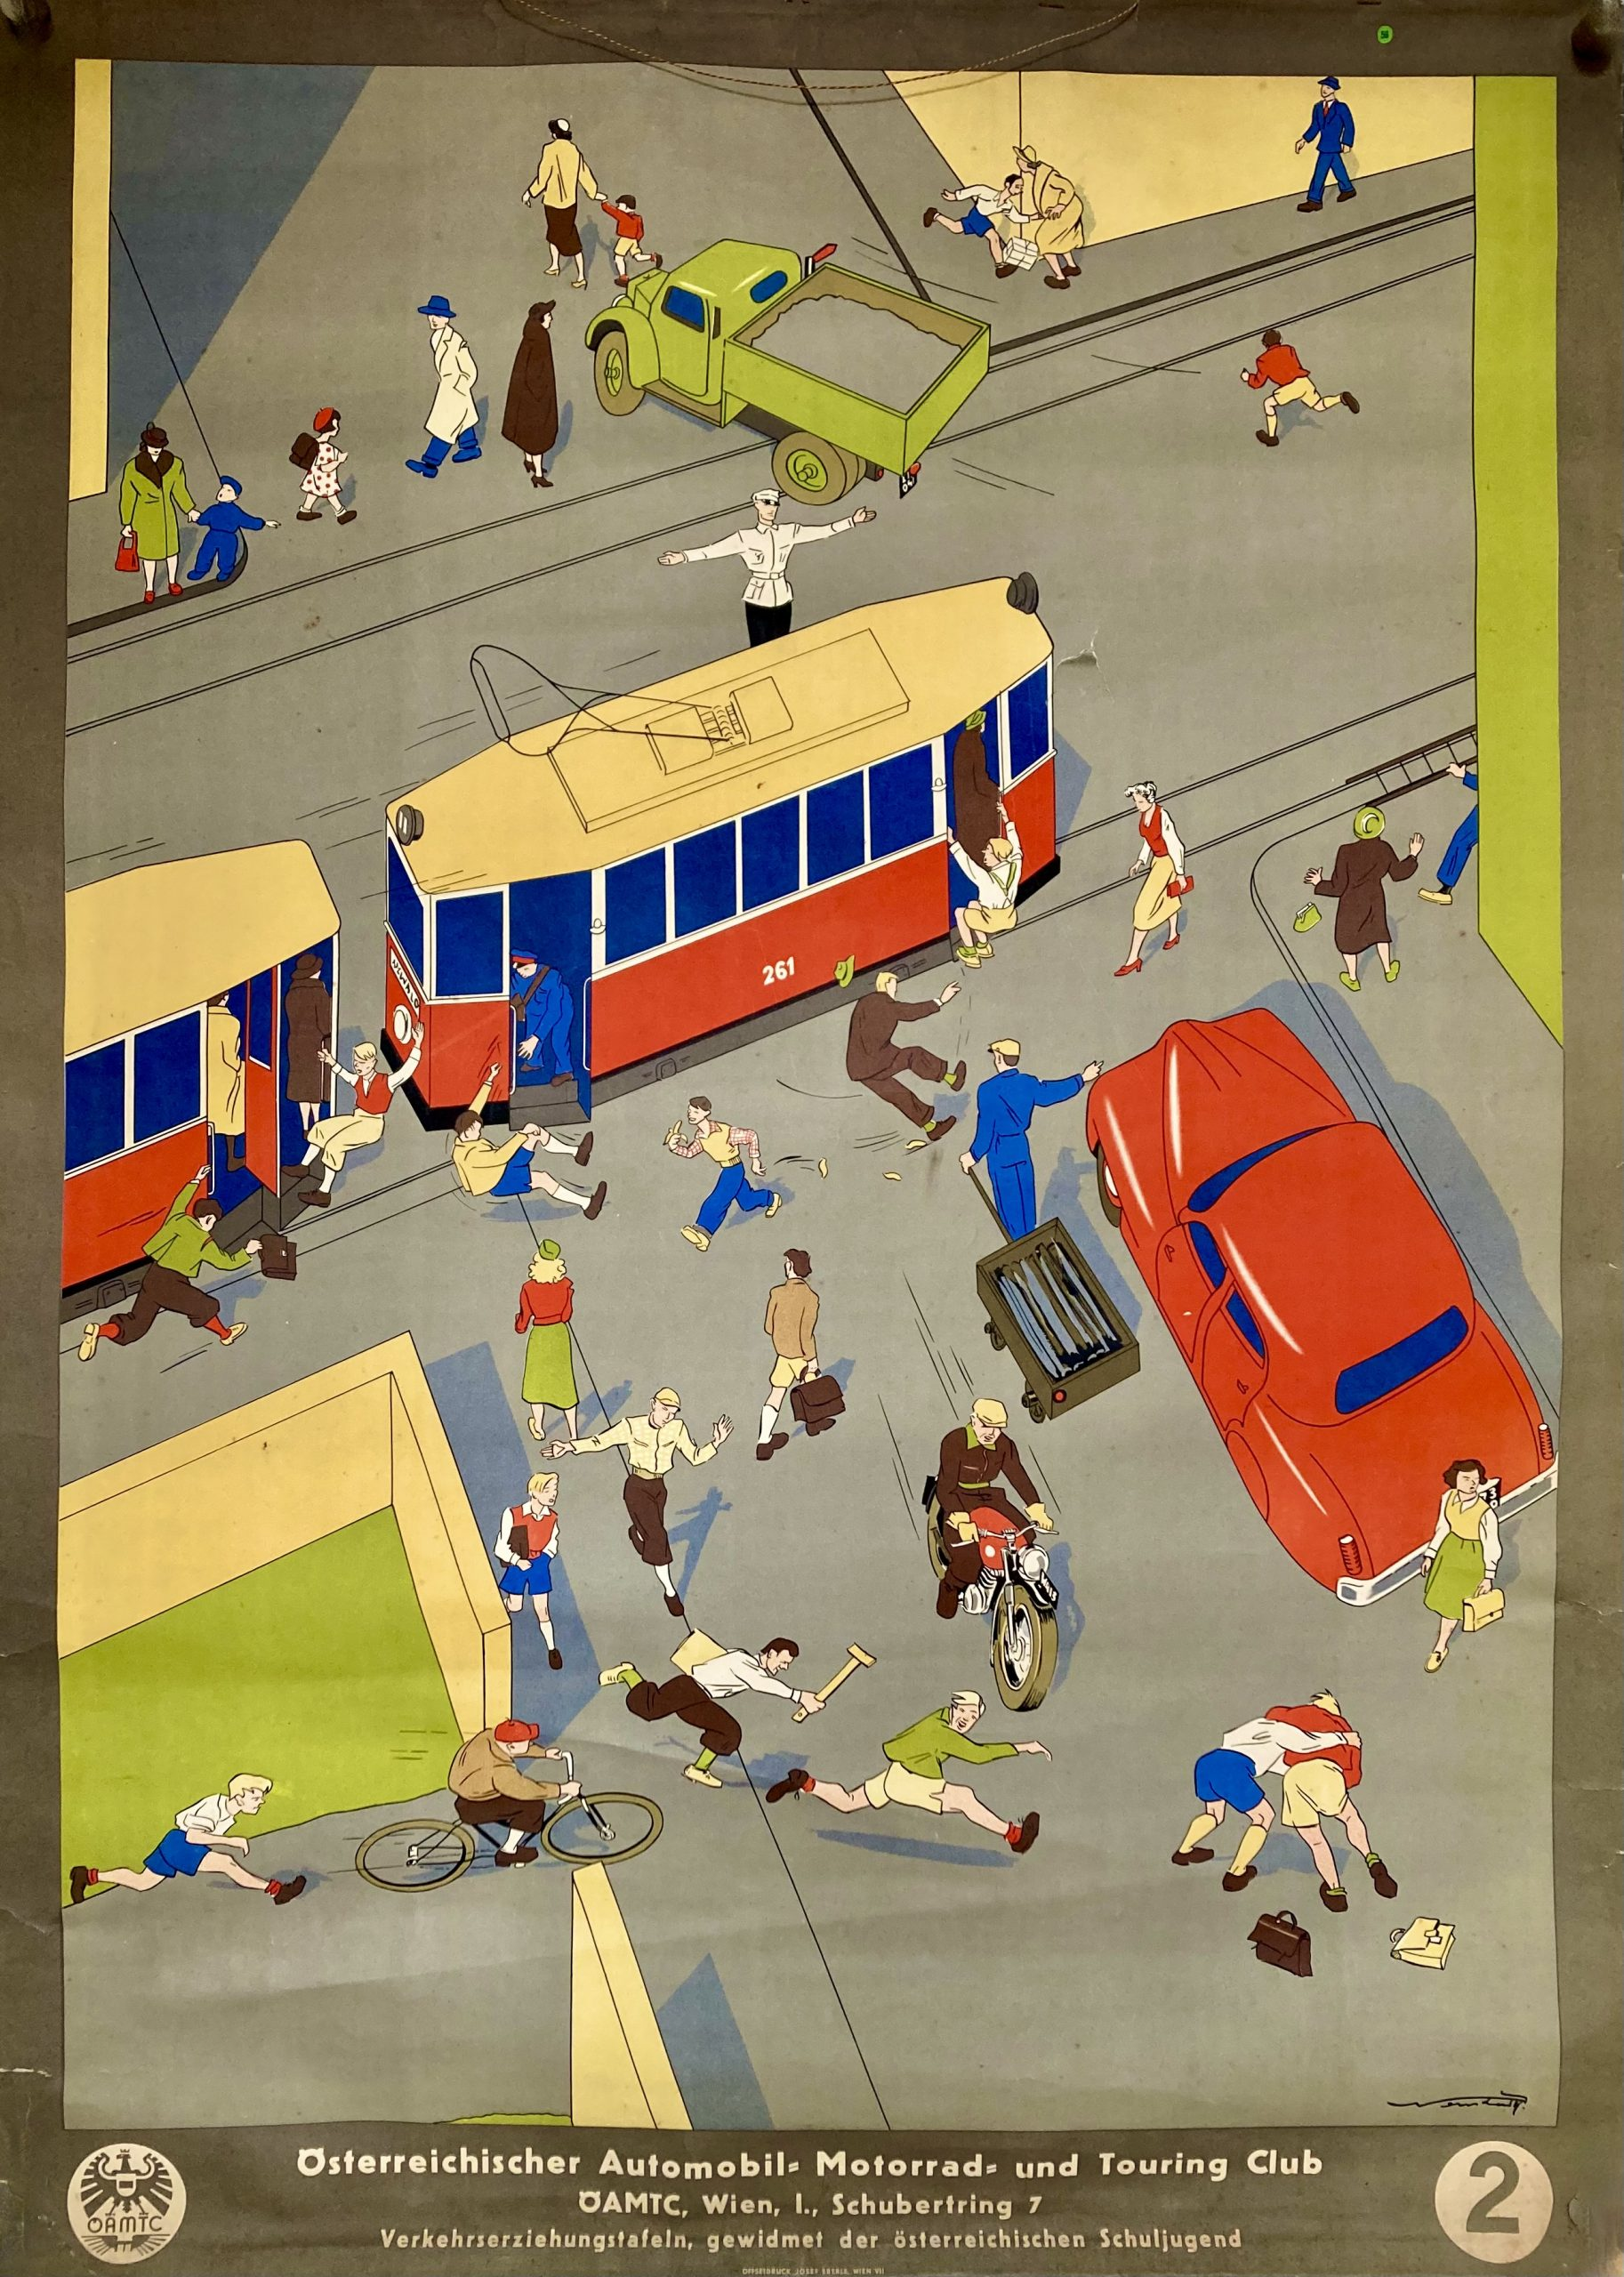 Austrain motoring poster